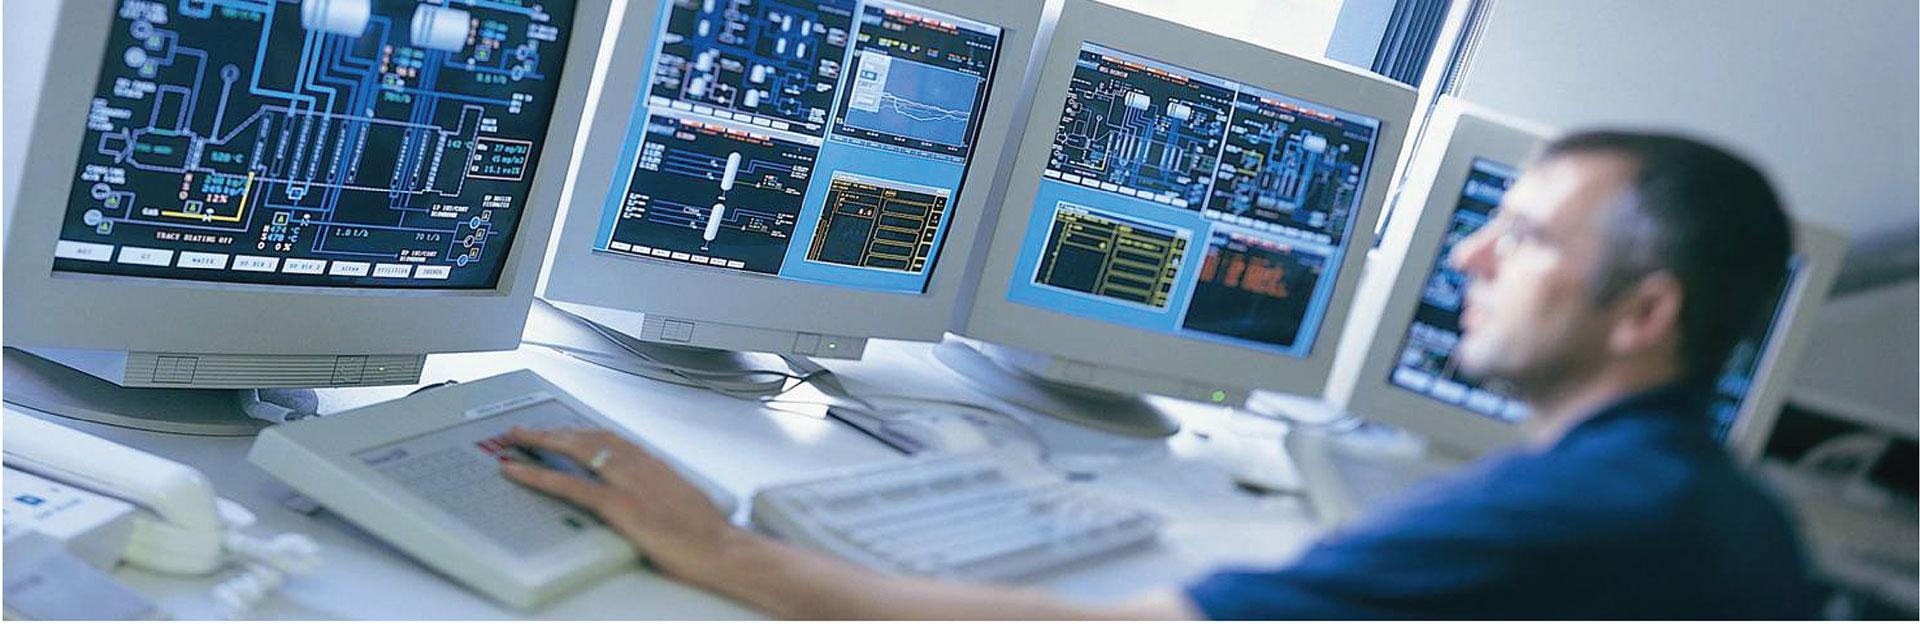 Sistema de Controle de Planta Industrial